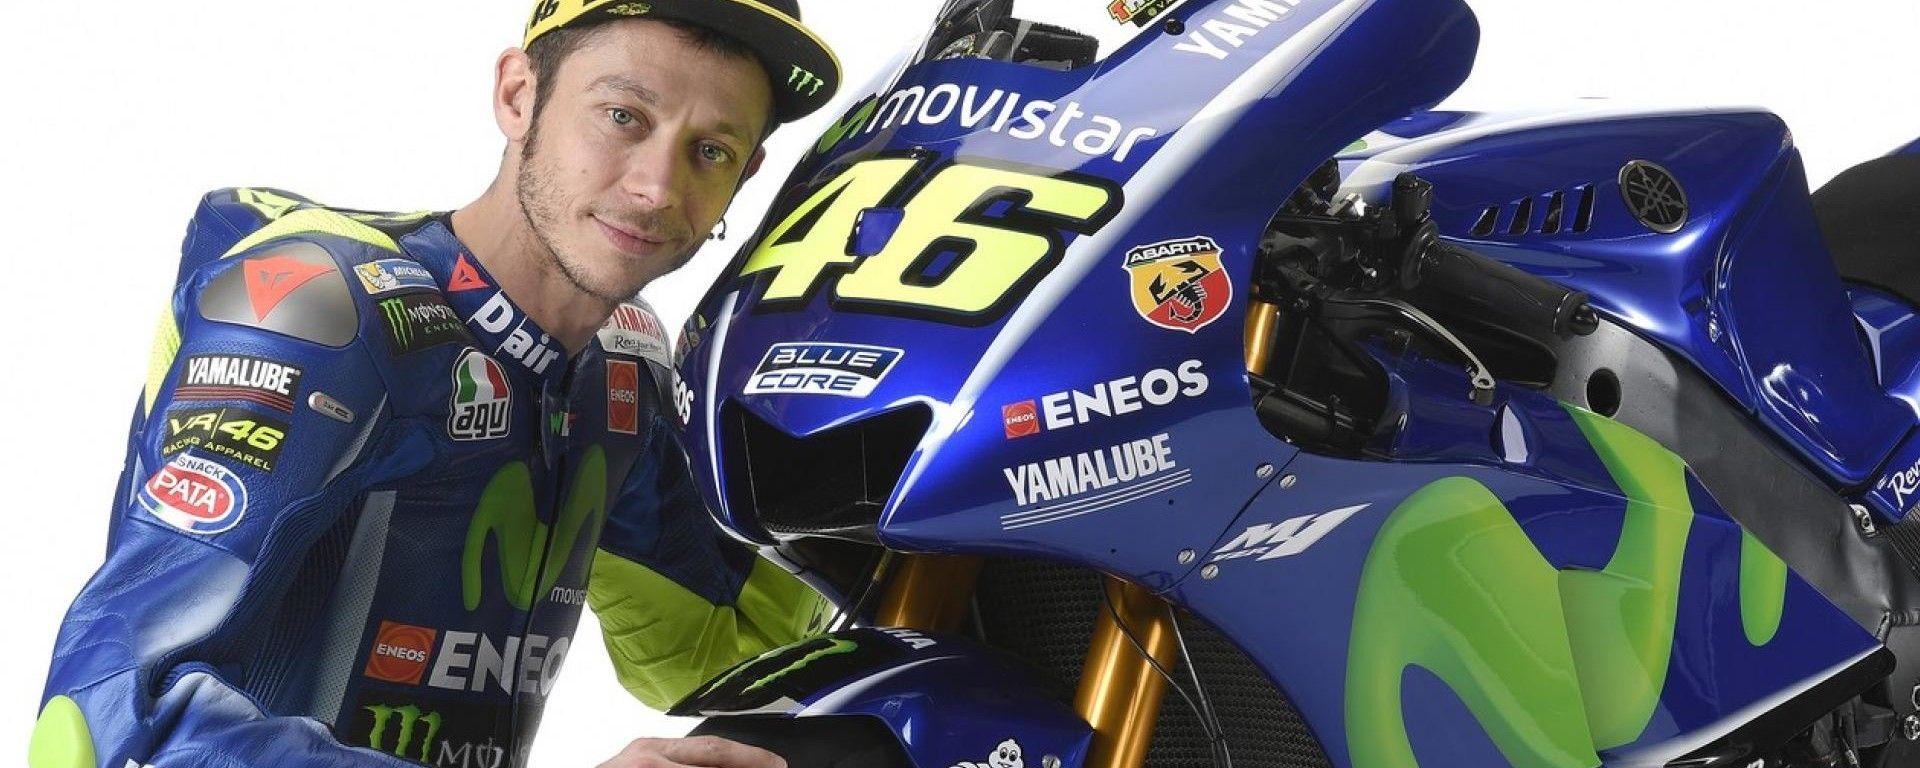 Valentino Rossi correrà al Mugello